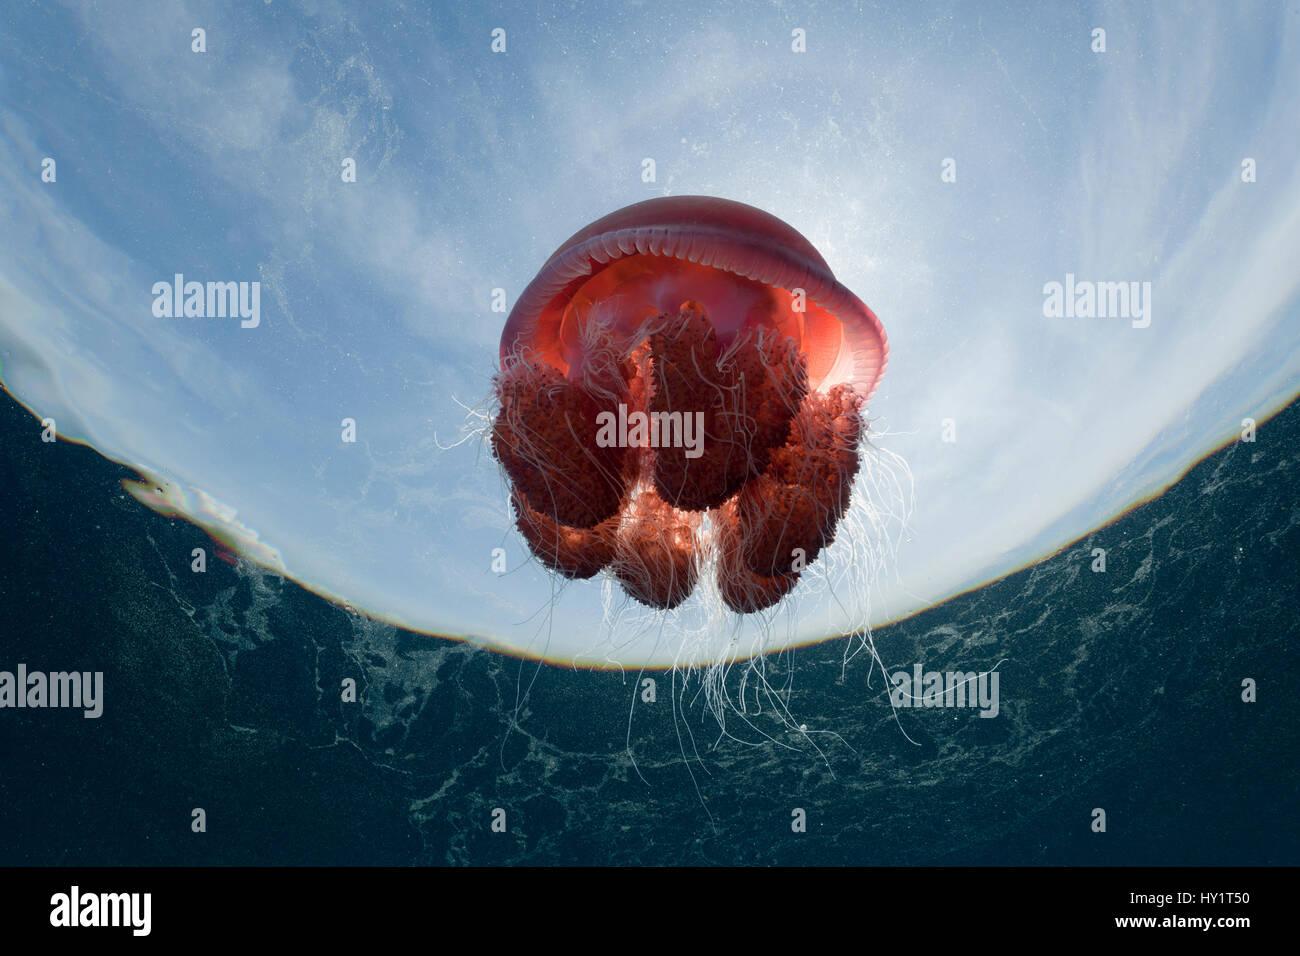 Low angle shot de méduse rouge flottant dans l'eau, l'alimentation de l'espèce, aux Philippines. Photo Stock